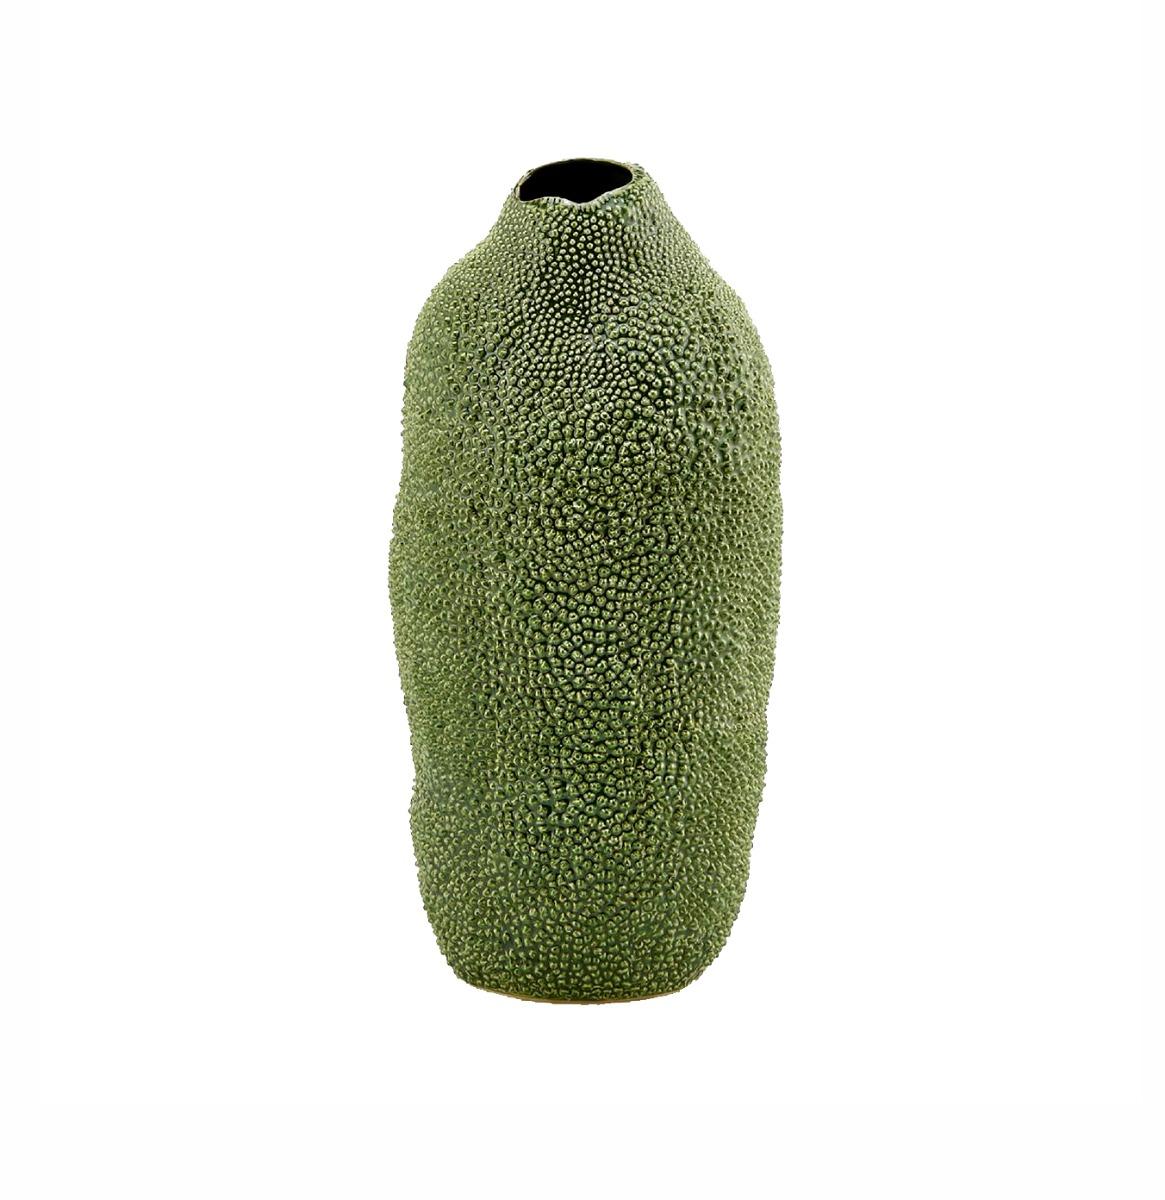 Vaso Durian H50